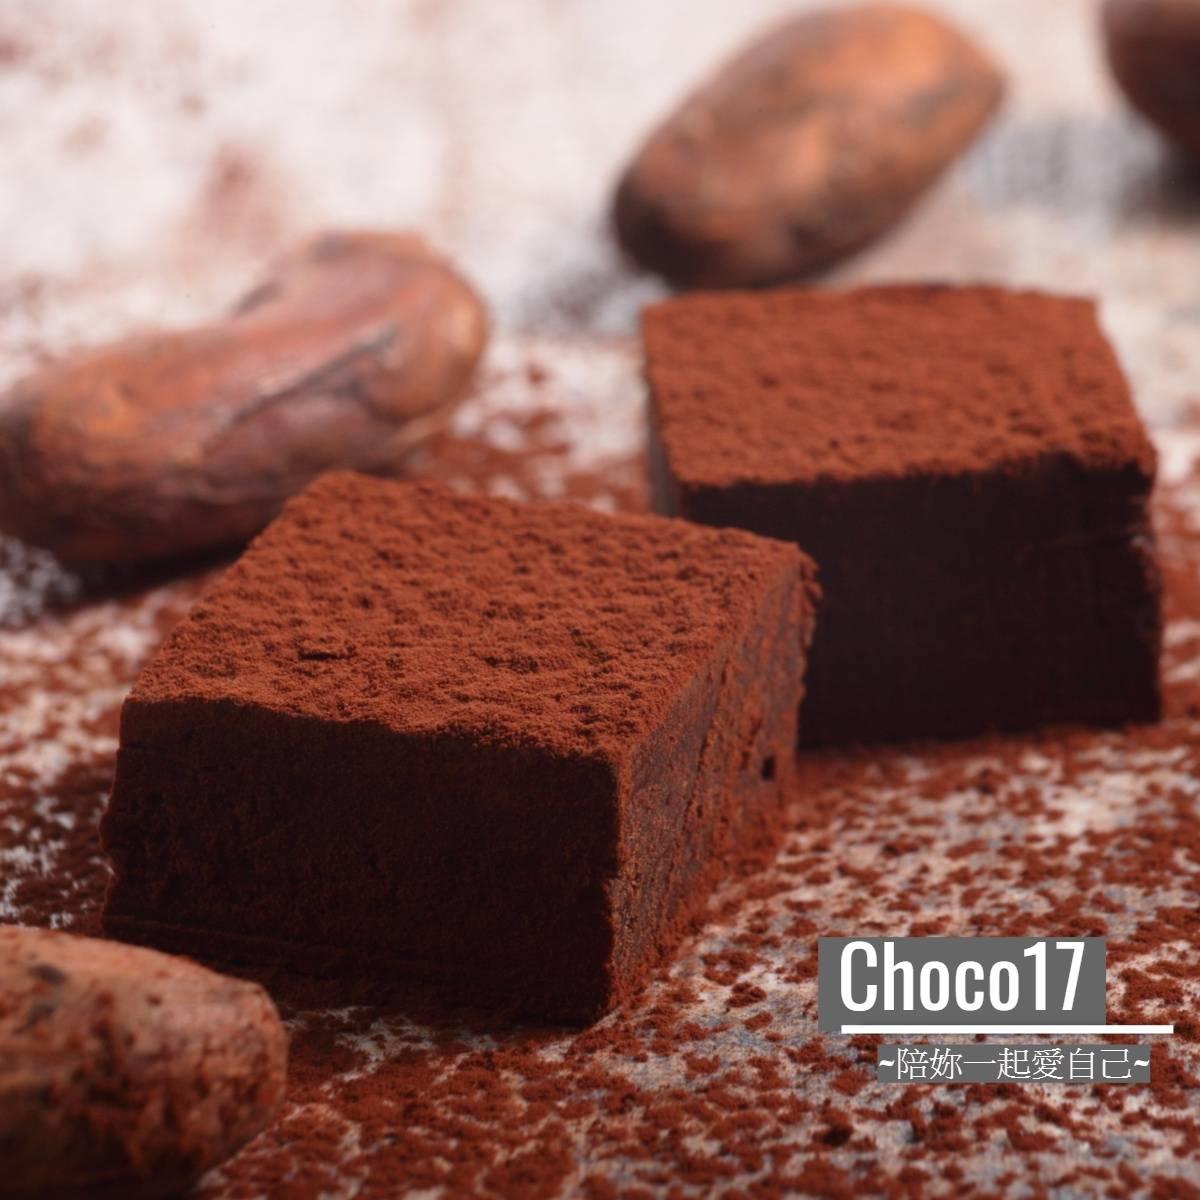 85%皇家經典生巧克力❤1分鐘狂賣4盒❤【Choco17 香謝17巧克力】巧克力專賣  | APP下單滿$888現折$111 0